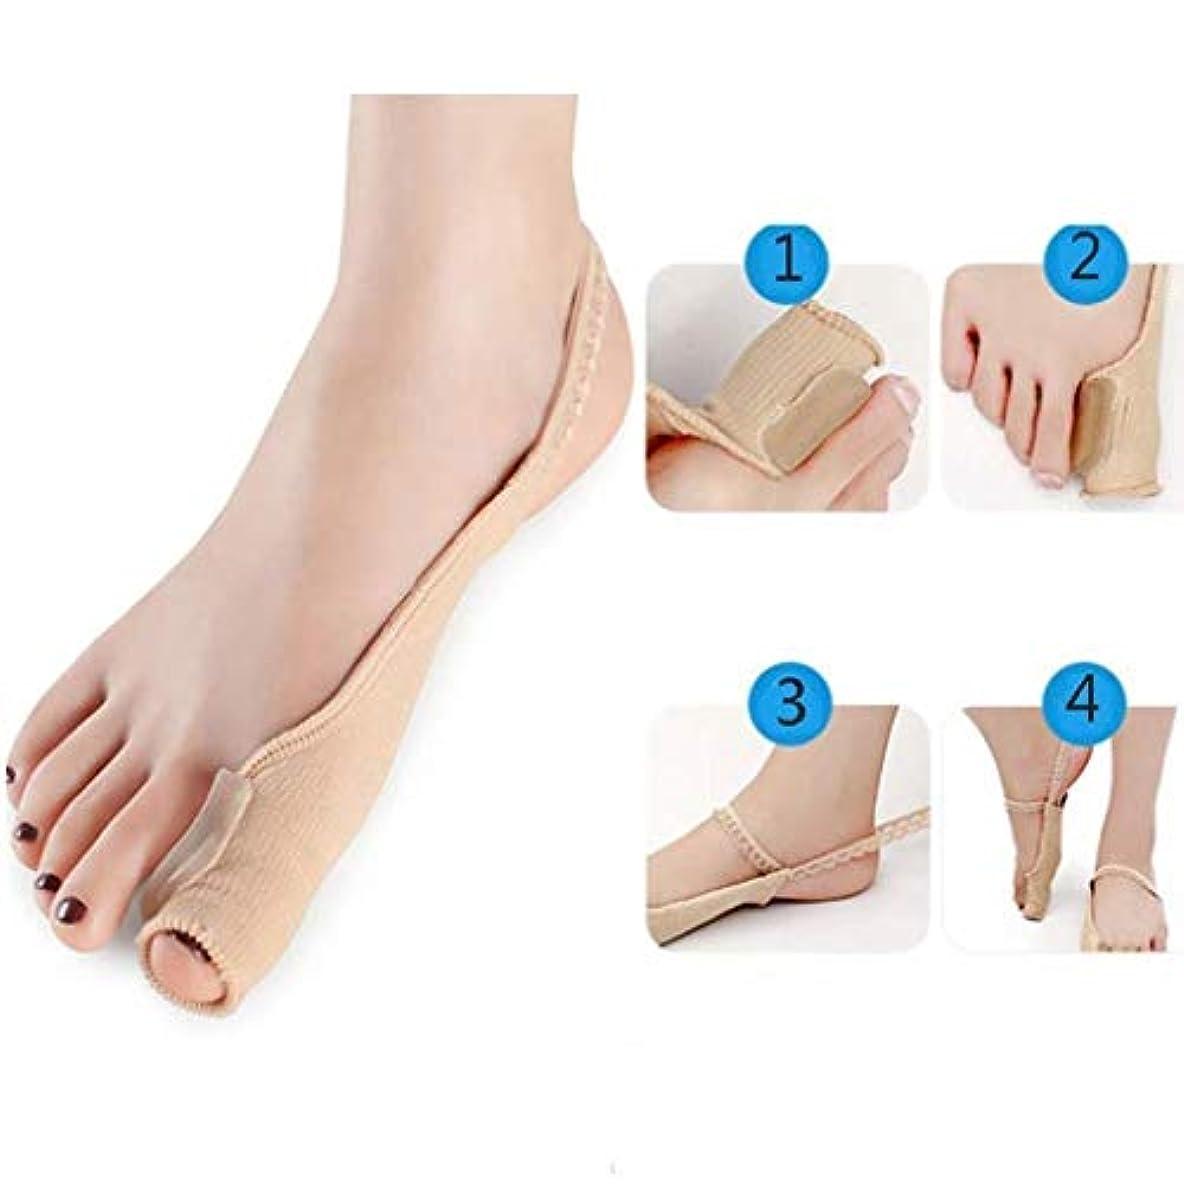 いらいらするショット優れましたBunion Toe Separator、Orthotics Big Toe Straightener Protector Separator、Silicone Toes Separator Big Toe Bunion Corrector Foot Orthopedic